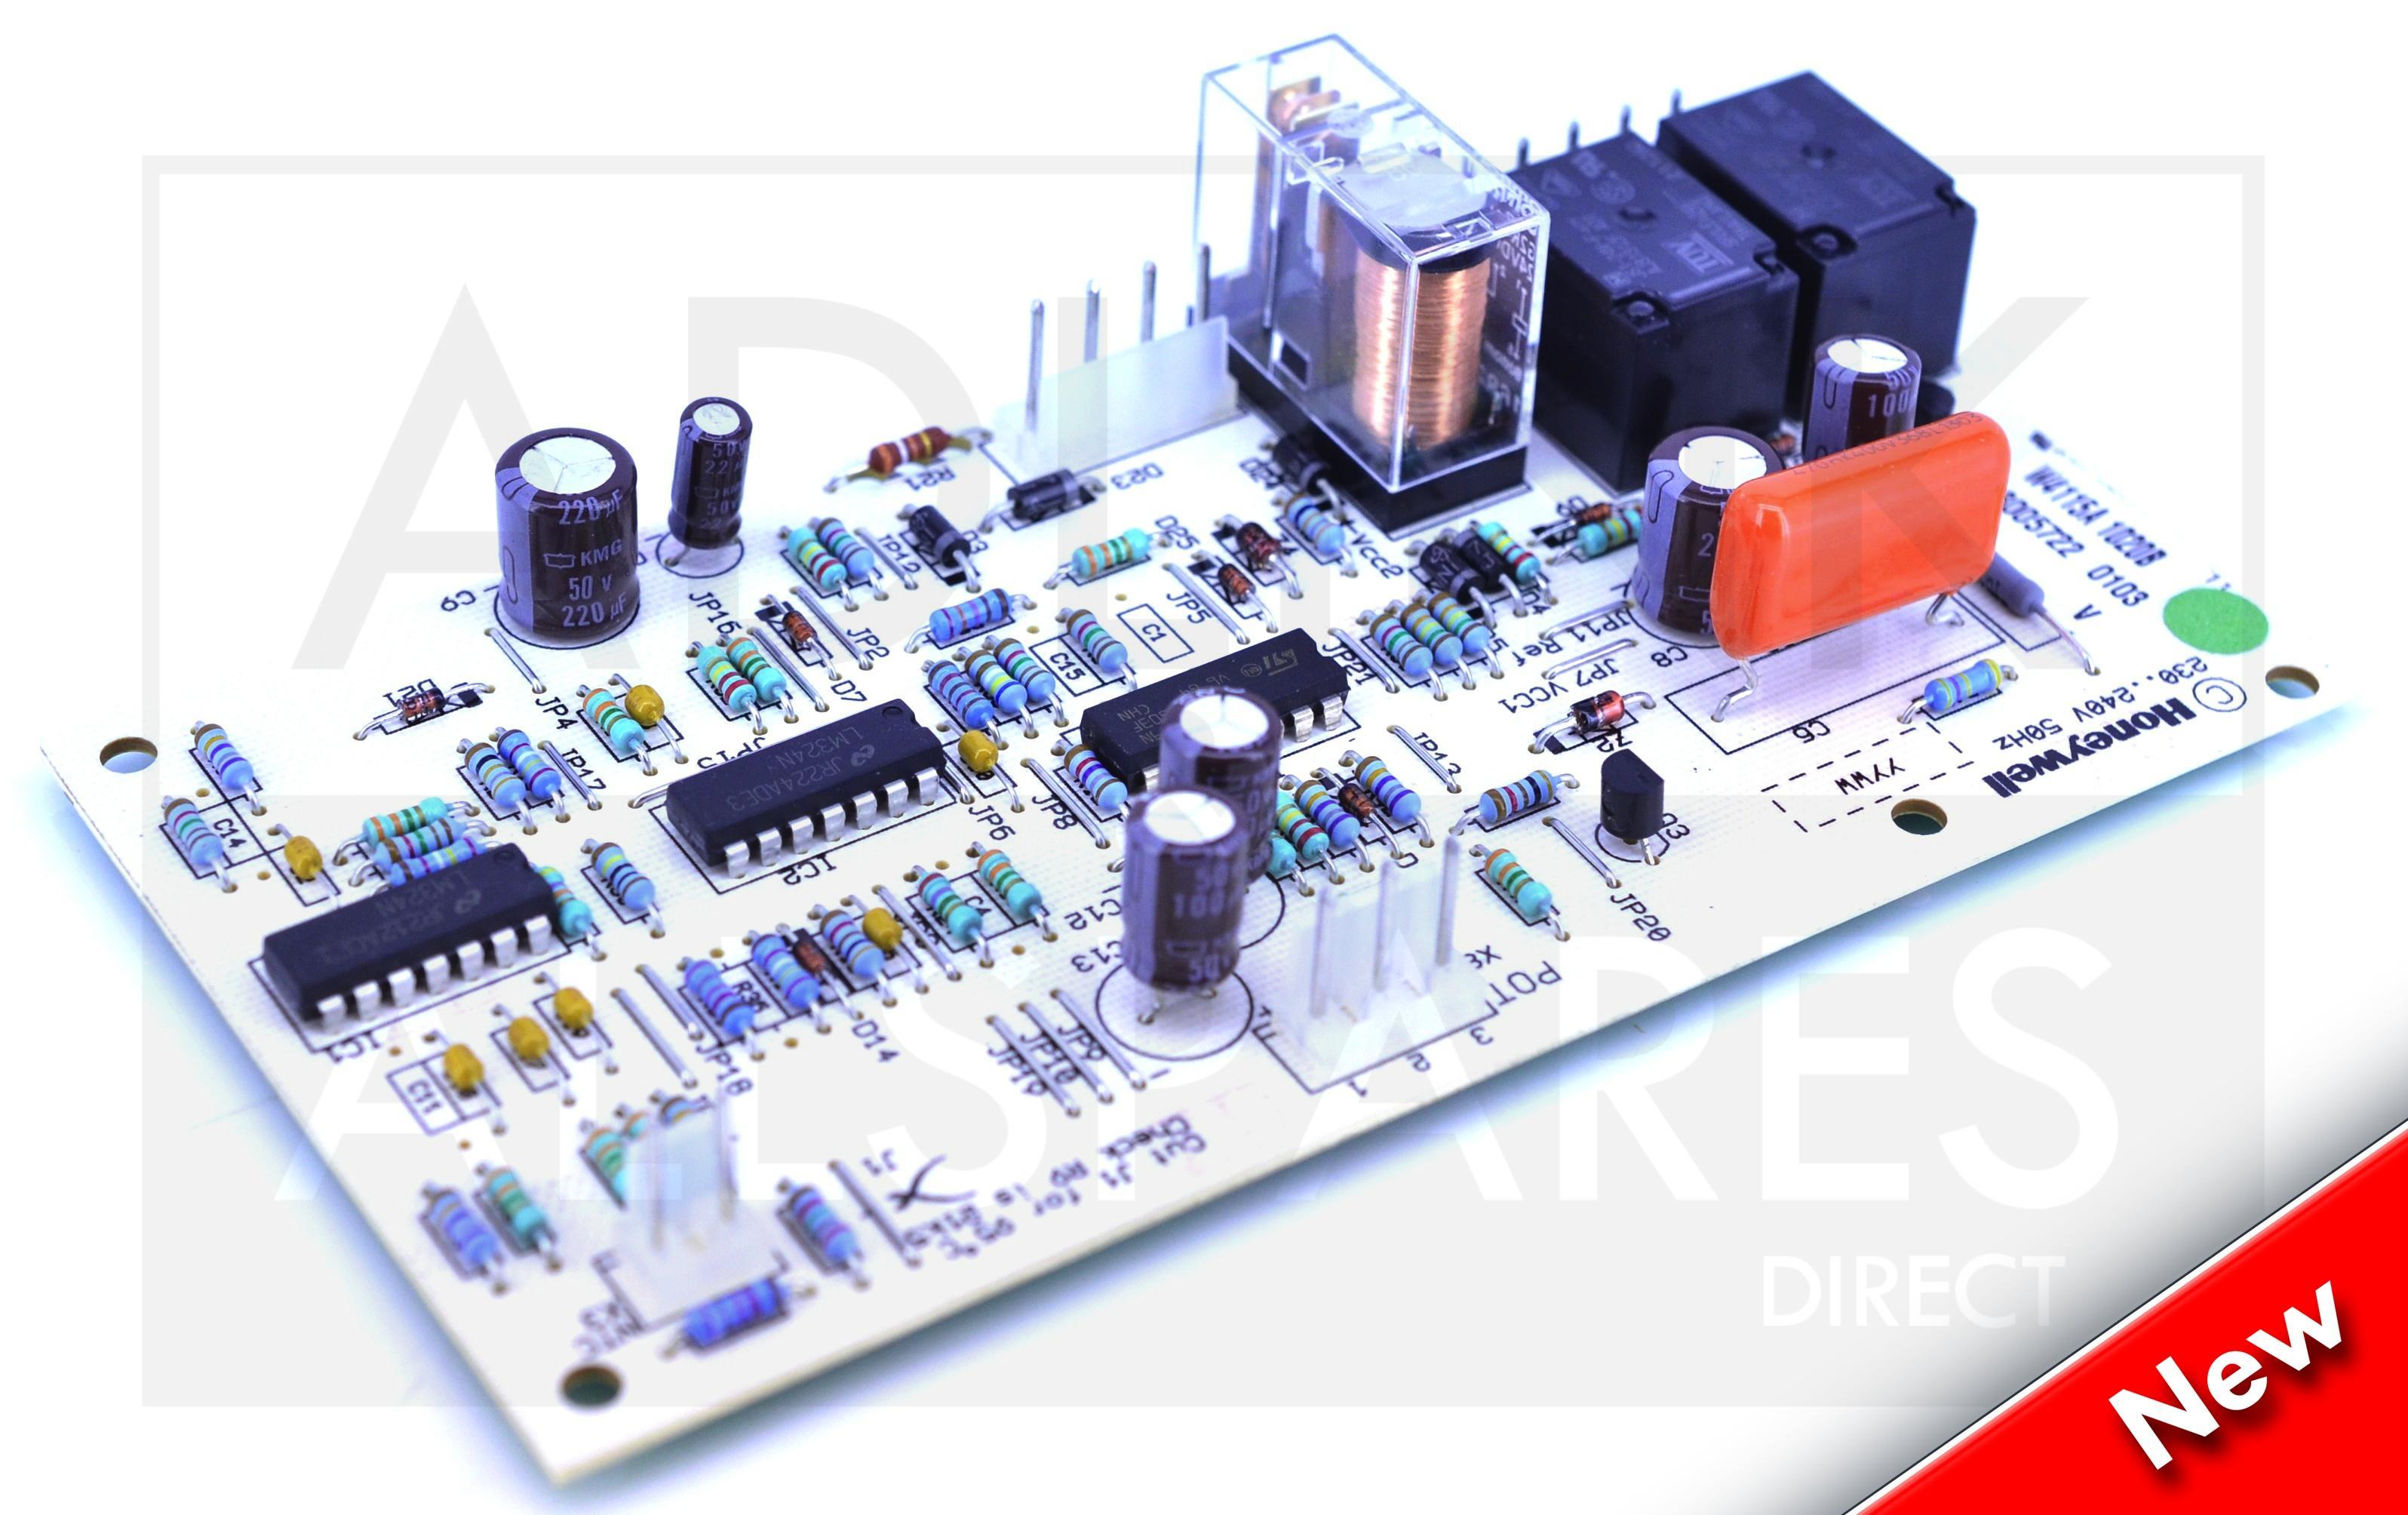 IDEALE Concord CXA AQUASTAT 154815 PCB